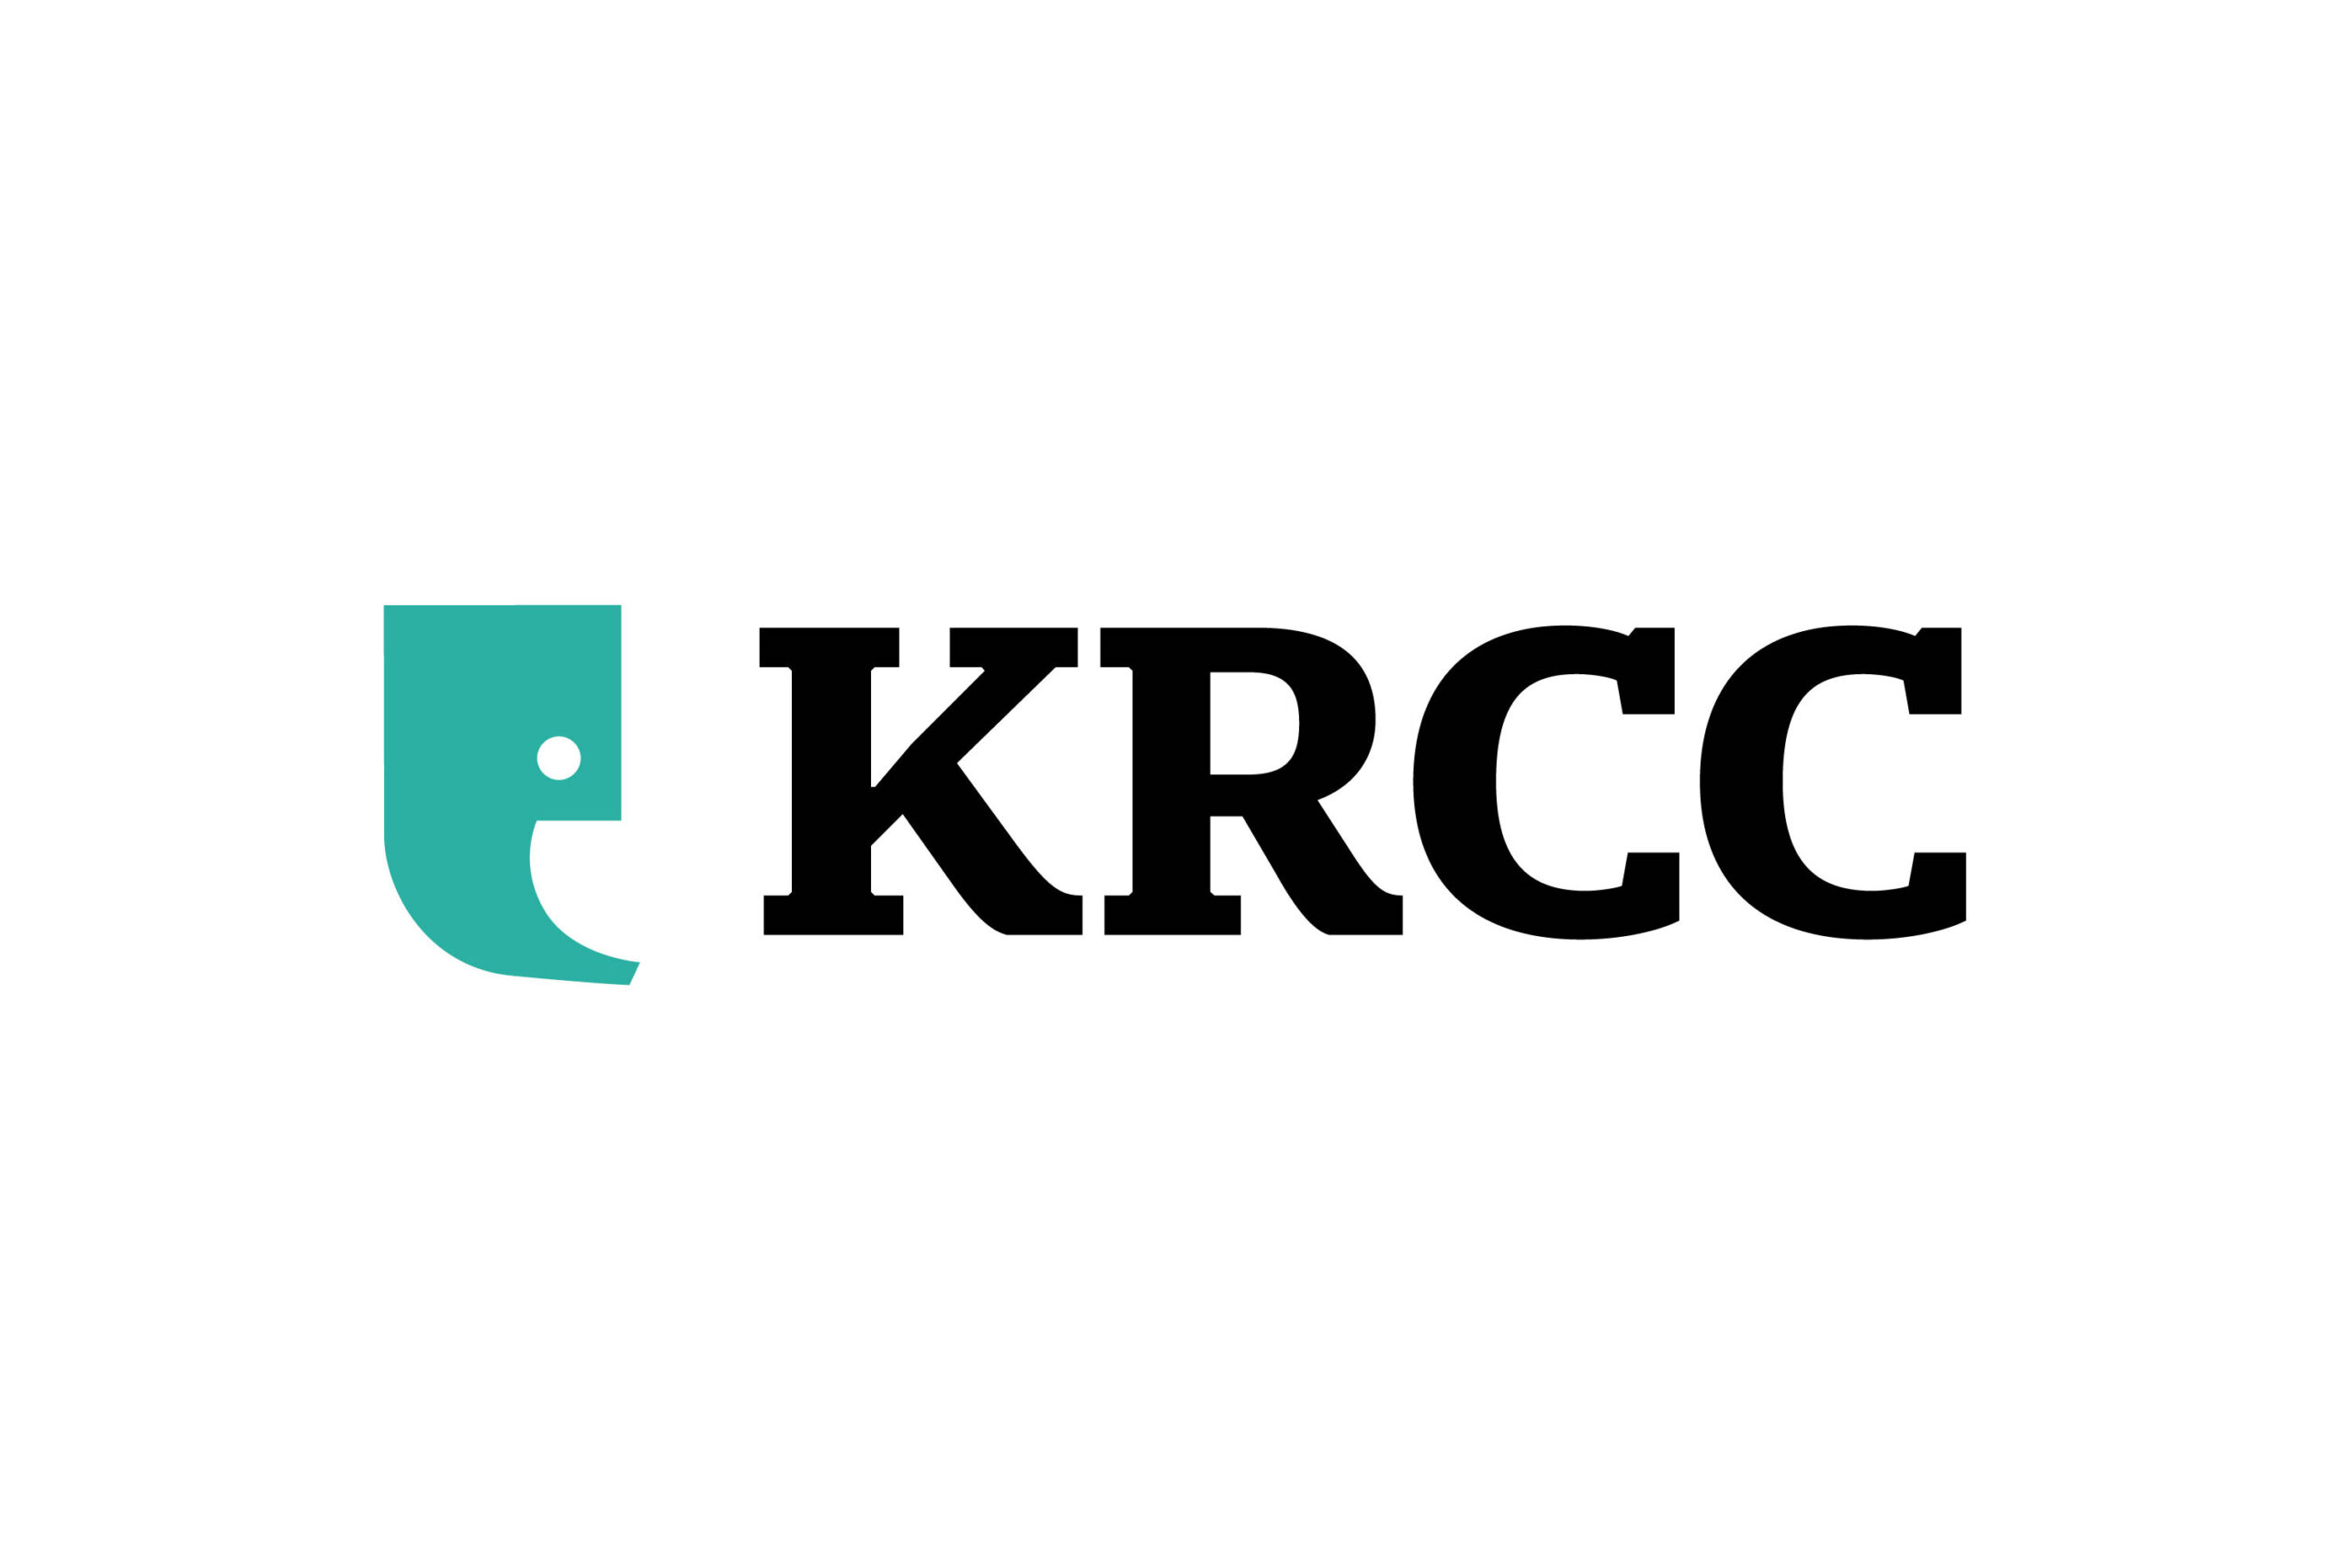 KRCC Logo 3x2